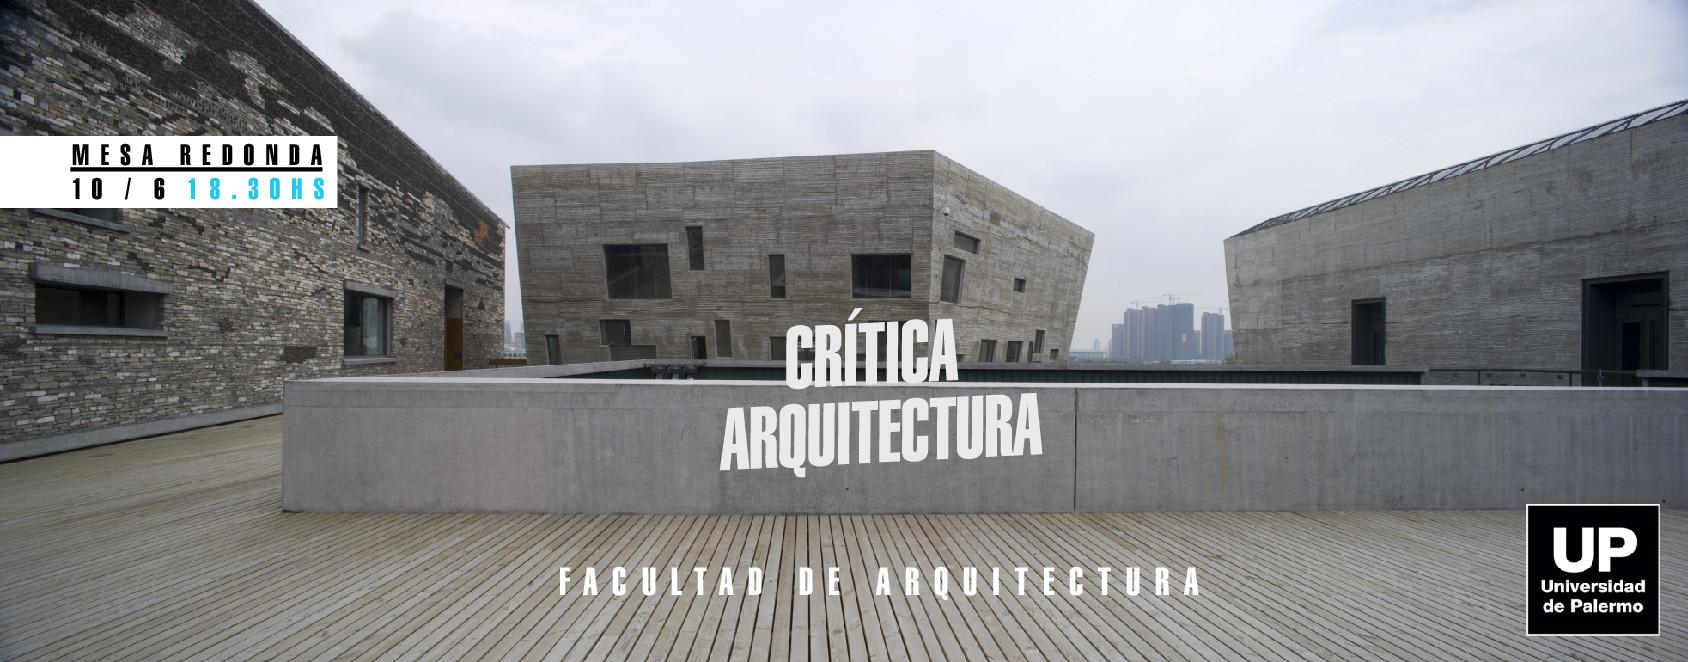 Mesa de debate cr tica arquitectura universidad de - Mesas de arquitectura ...